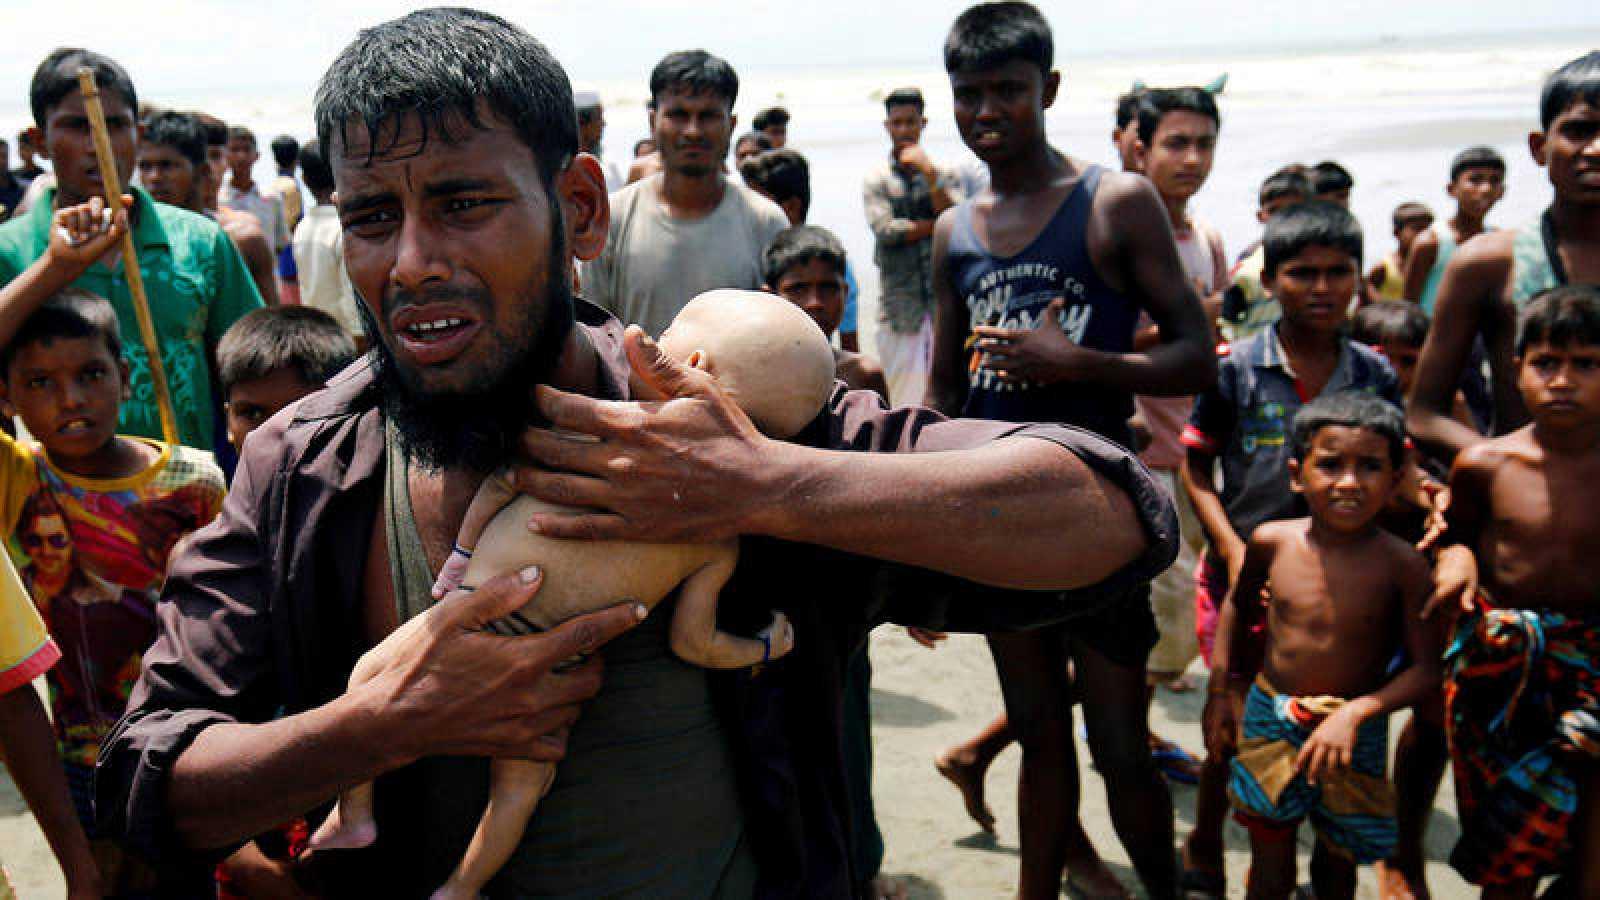 Nasir Ahmed, rohinyá, sostiene el cuerpo de su hijo de 40 días, fallecido durante la huida